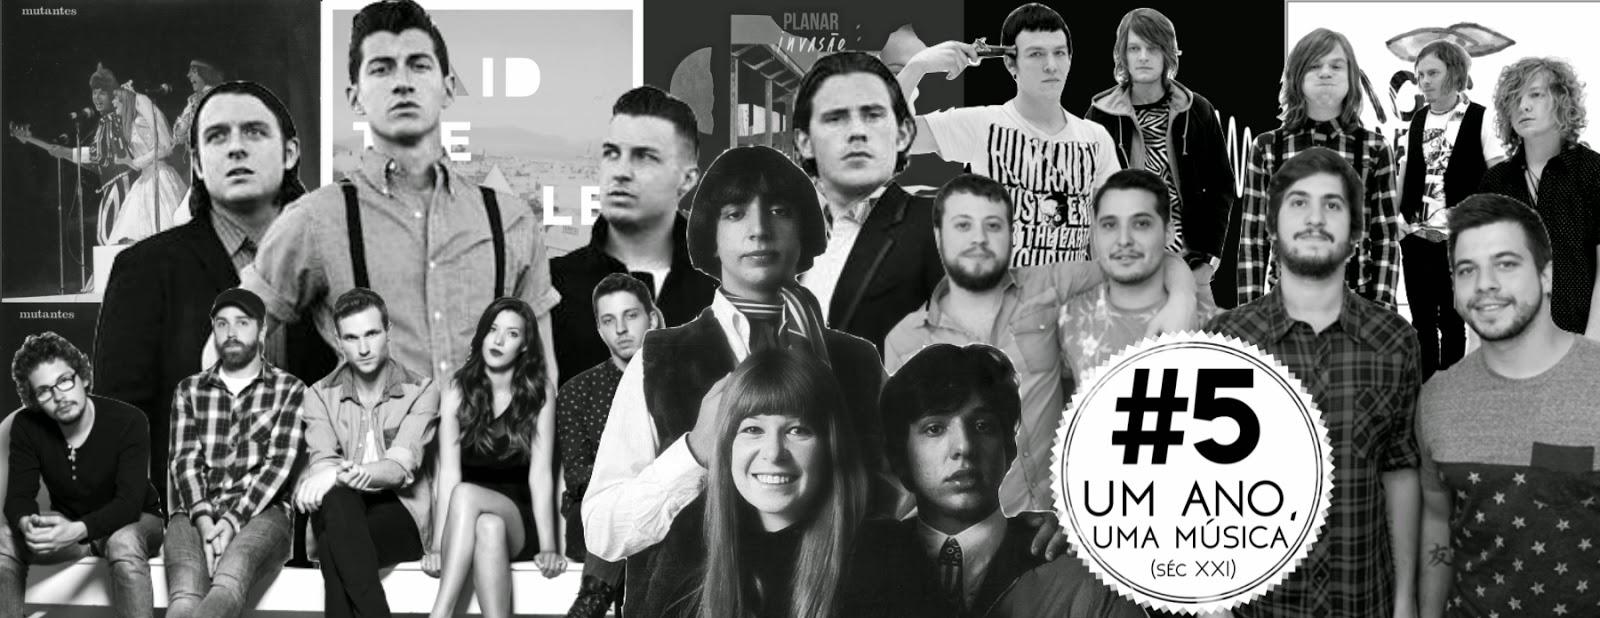 #5: Um Ano, Uma Música (séc XXI)